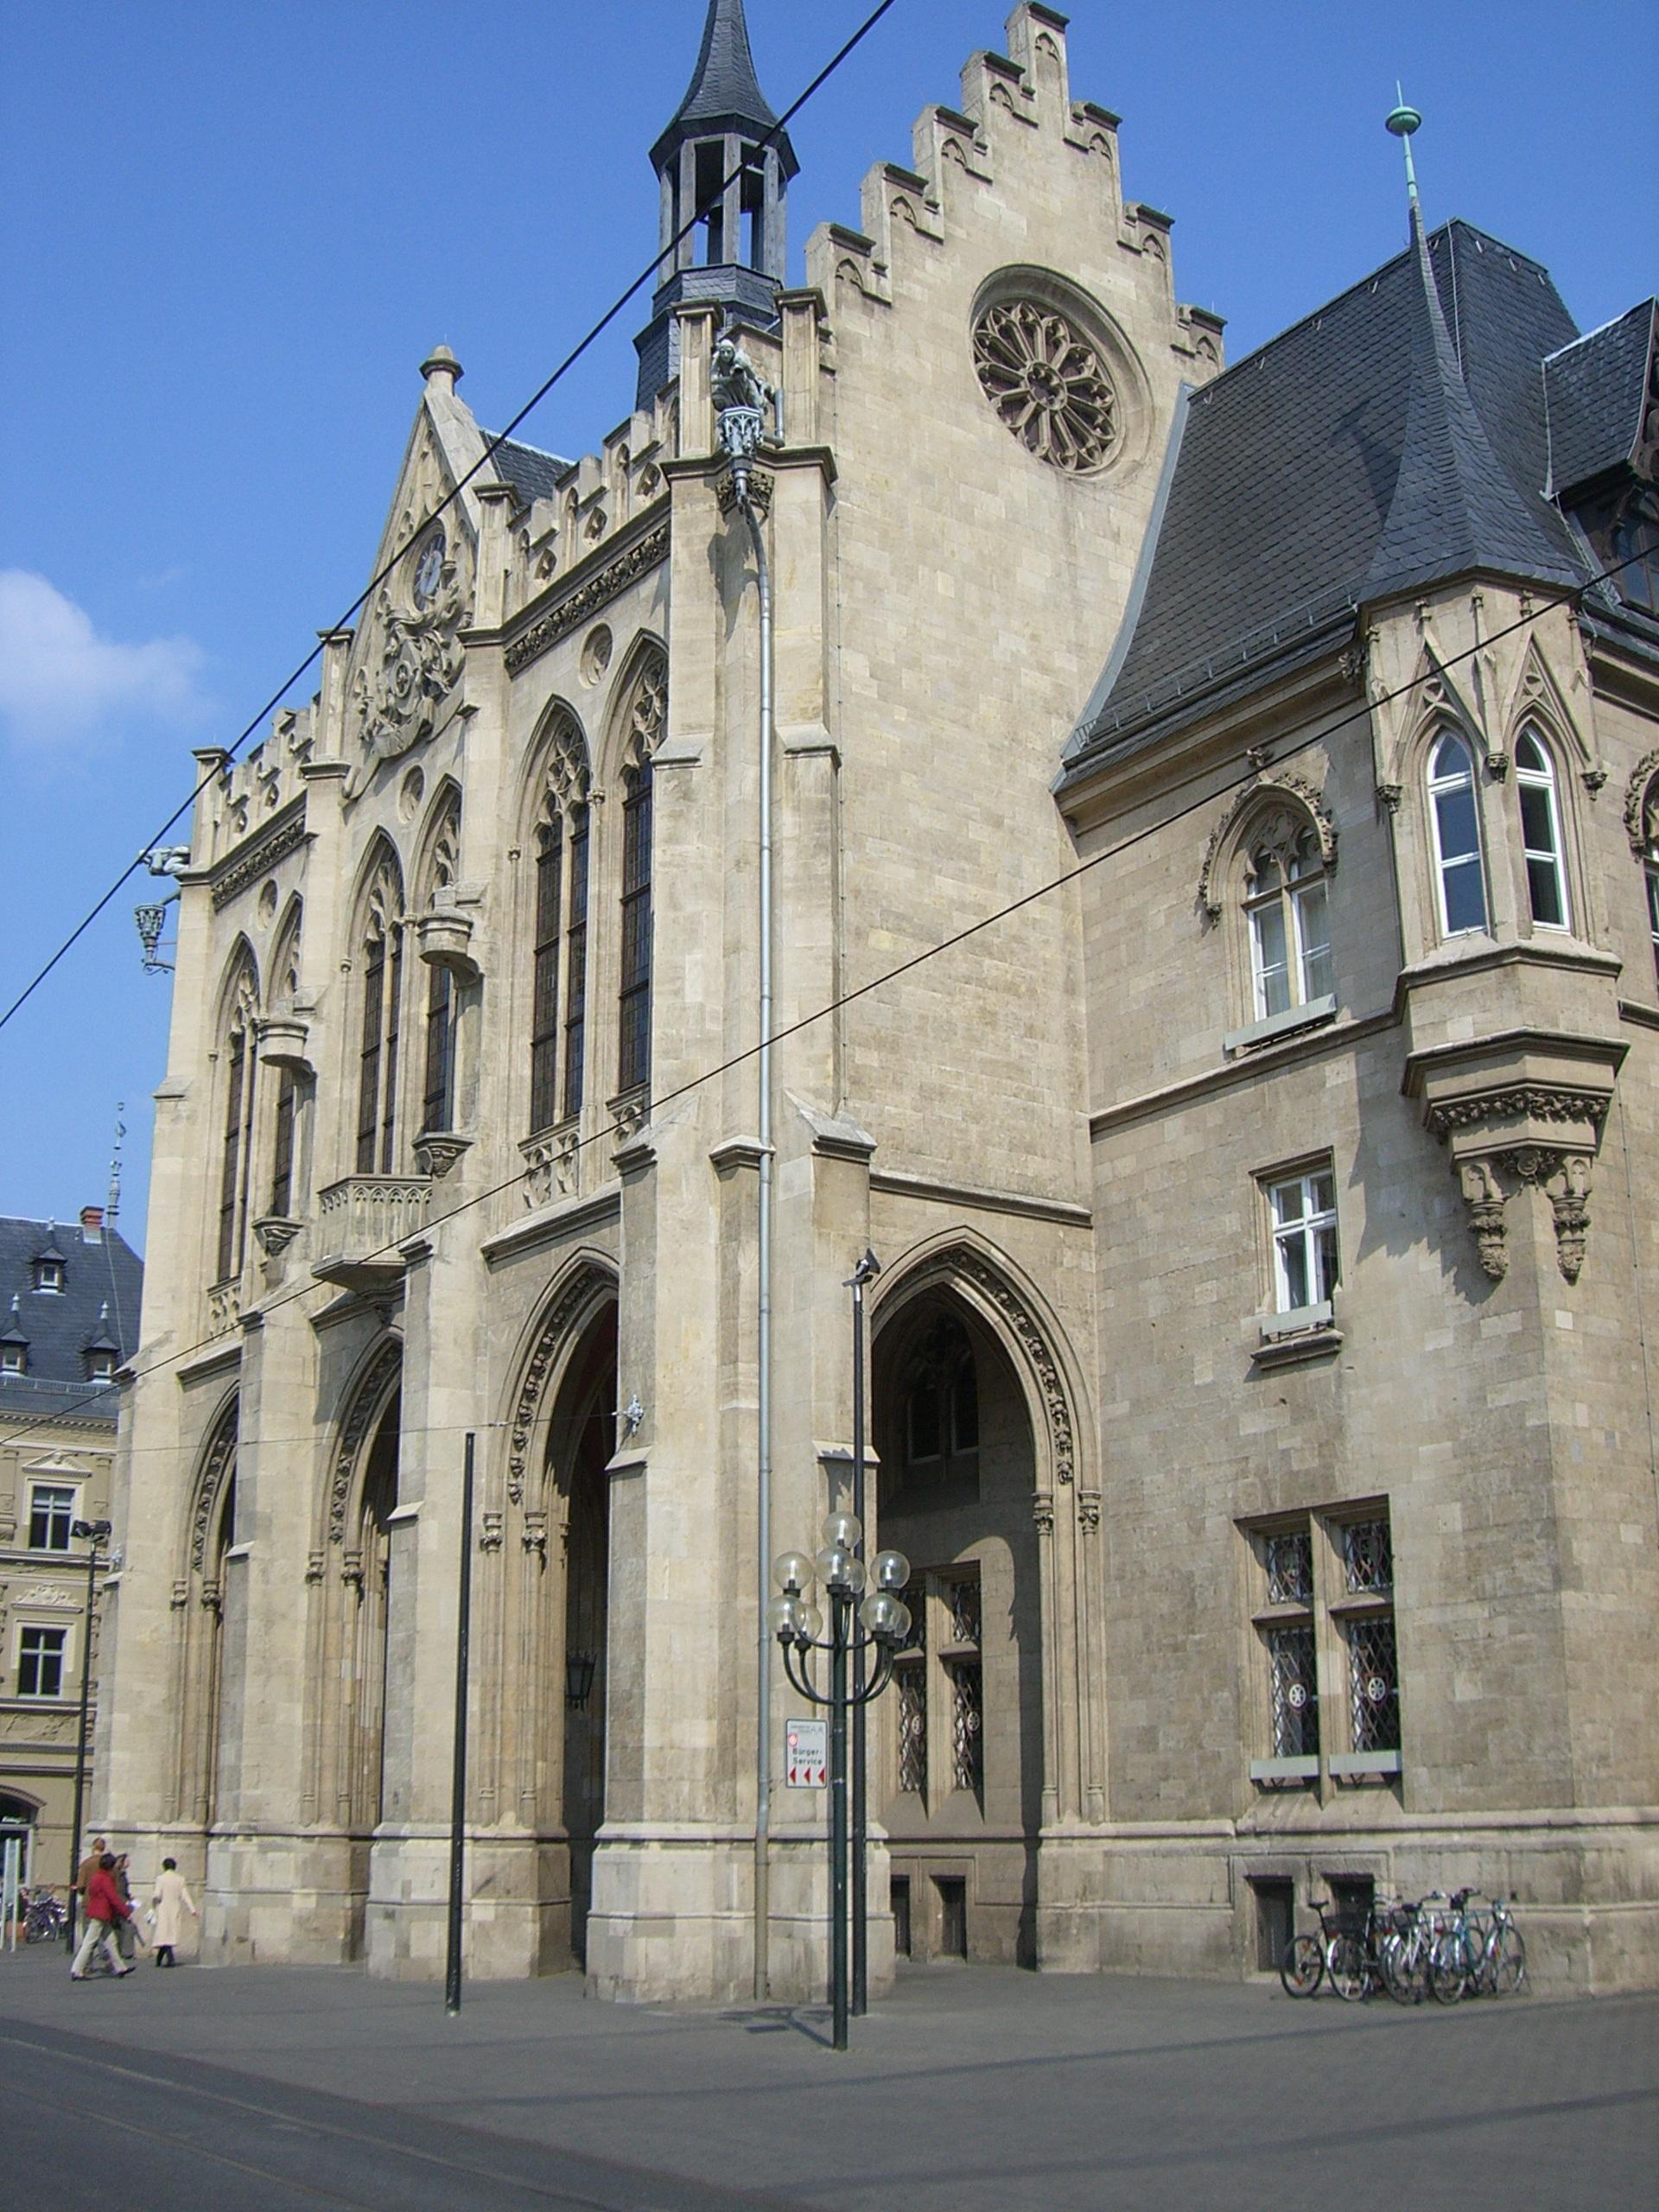 Architektur Erfurt kostenlose foto die architektur gebäude innenstadt fassade